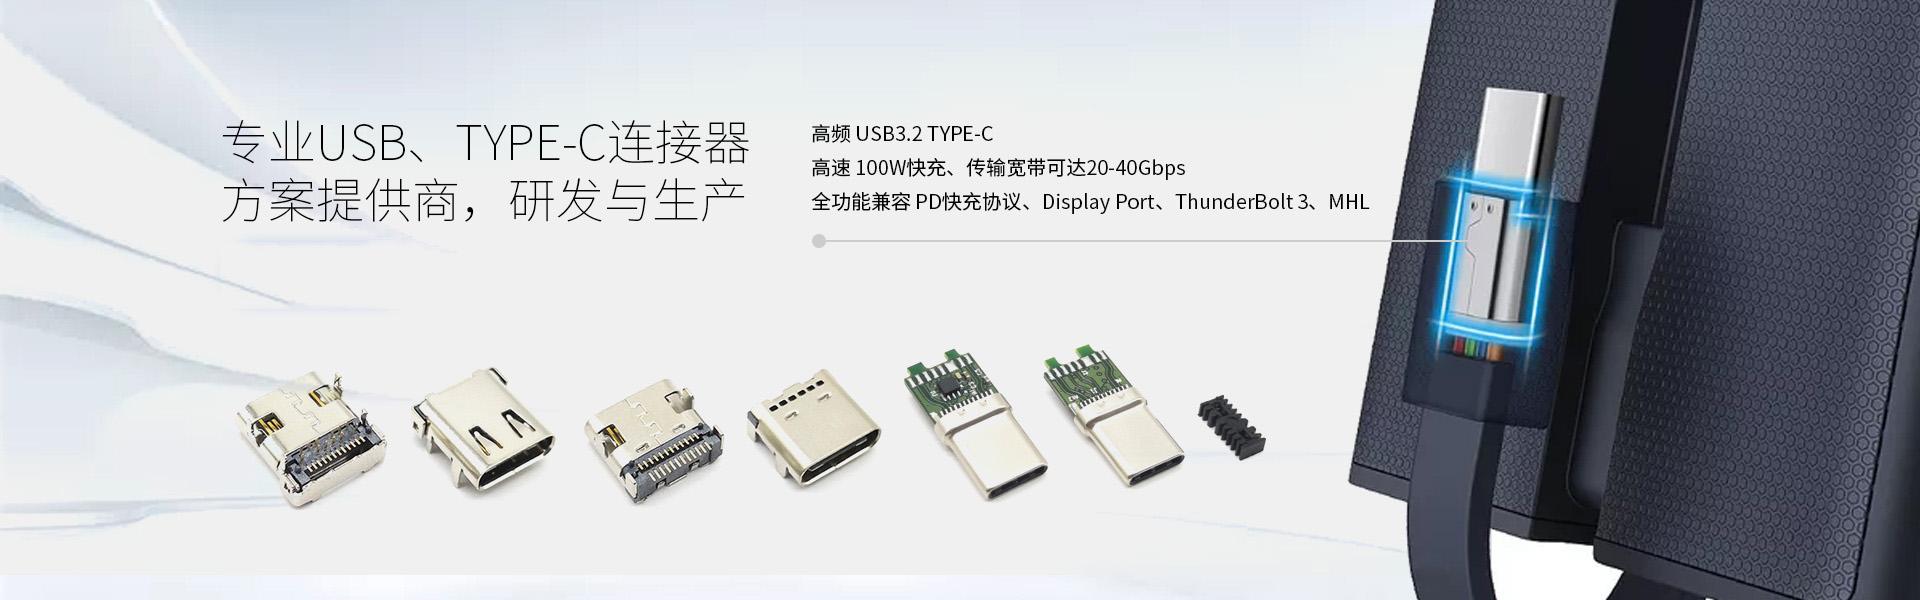 深圳type-c母座,type-c连接器厂